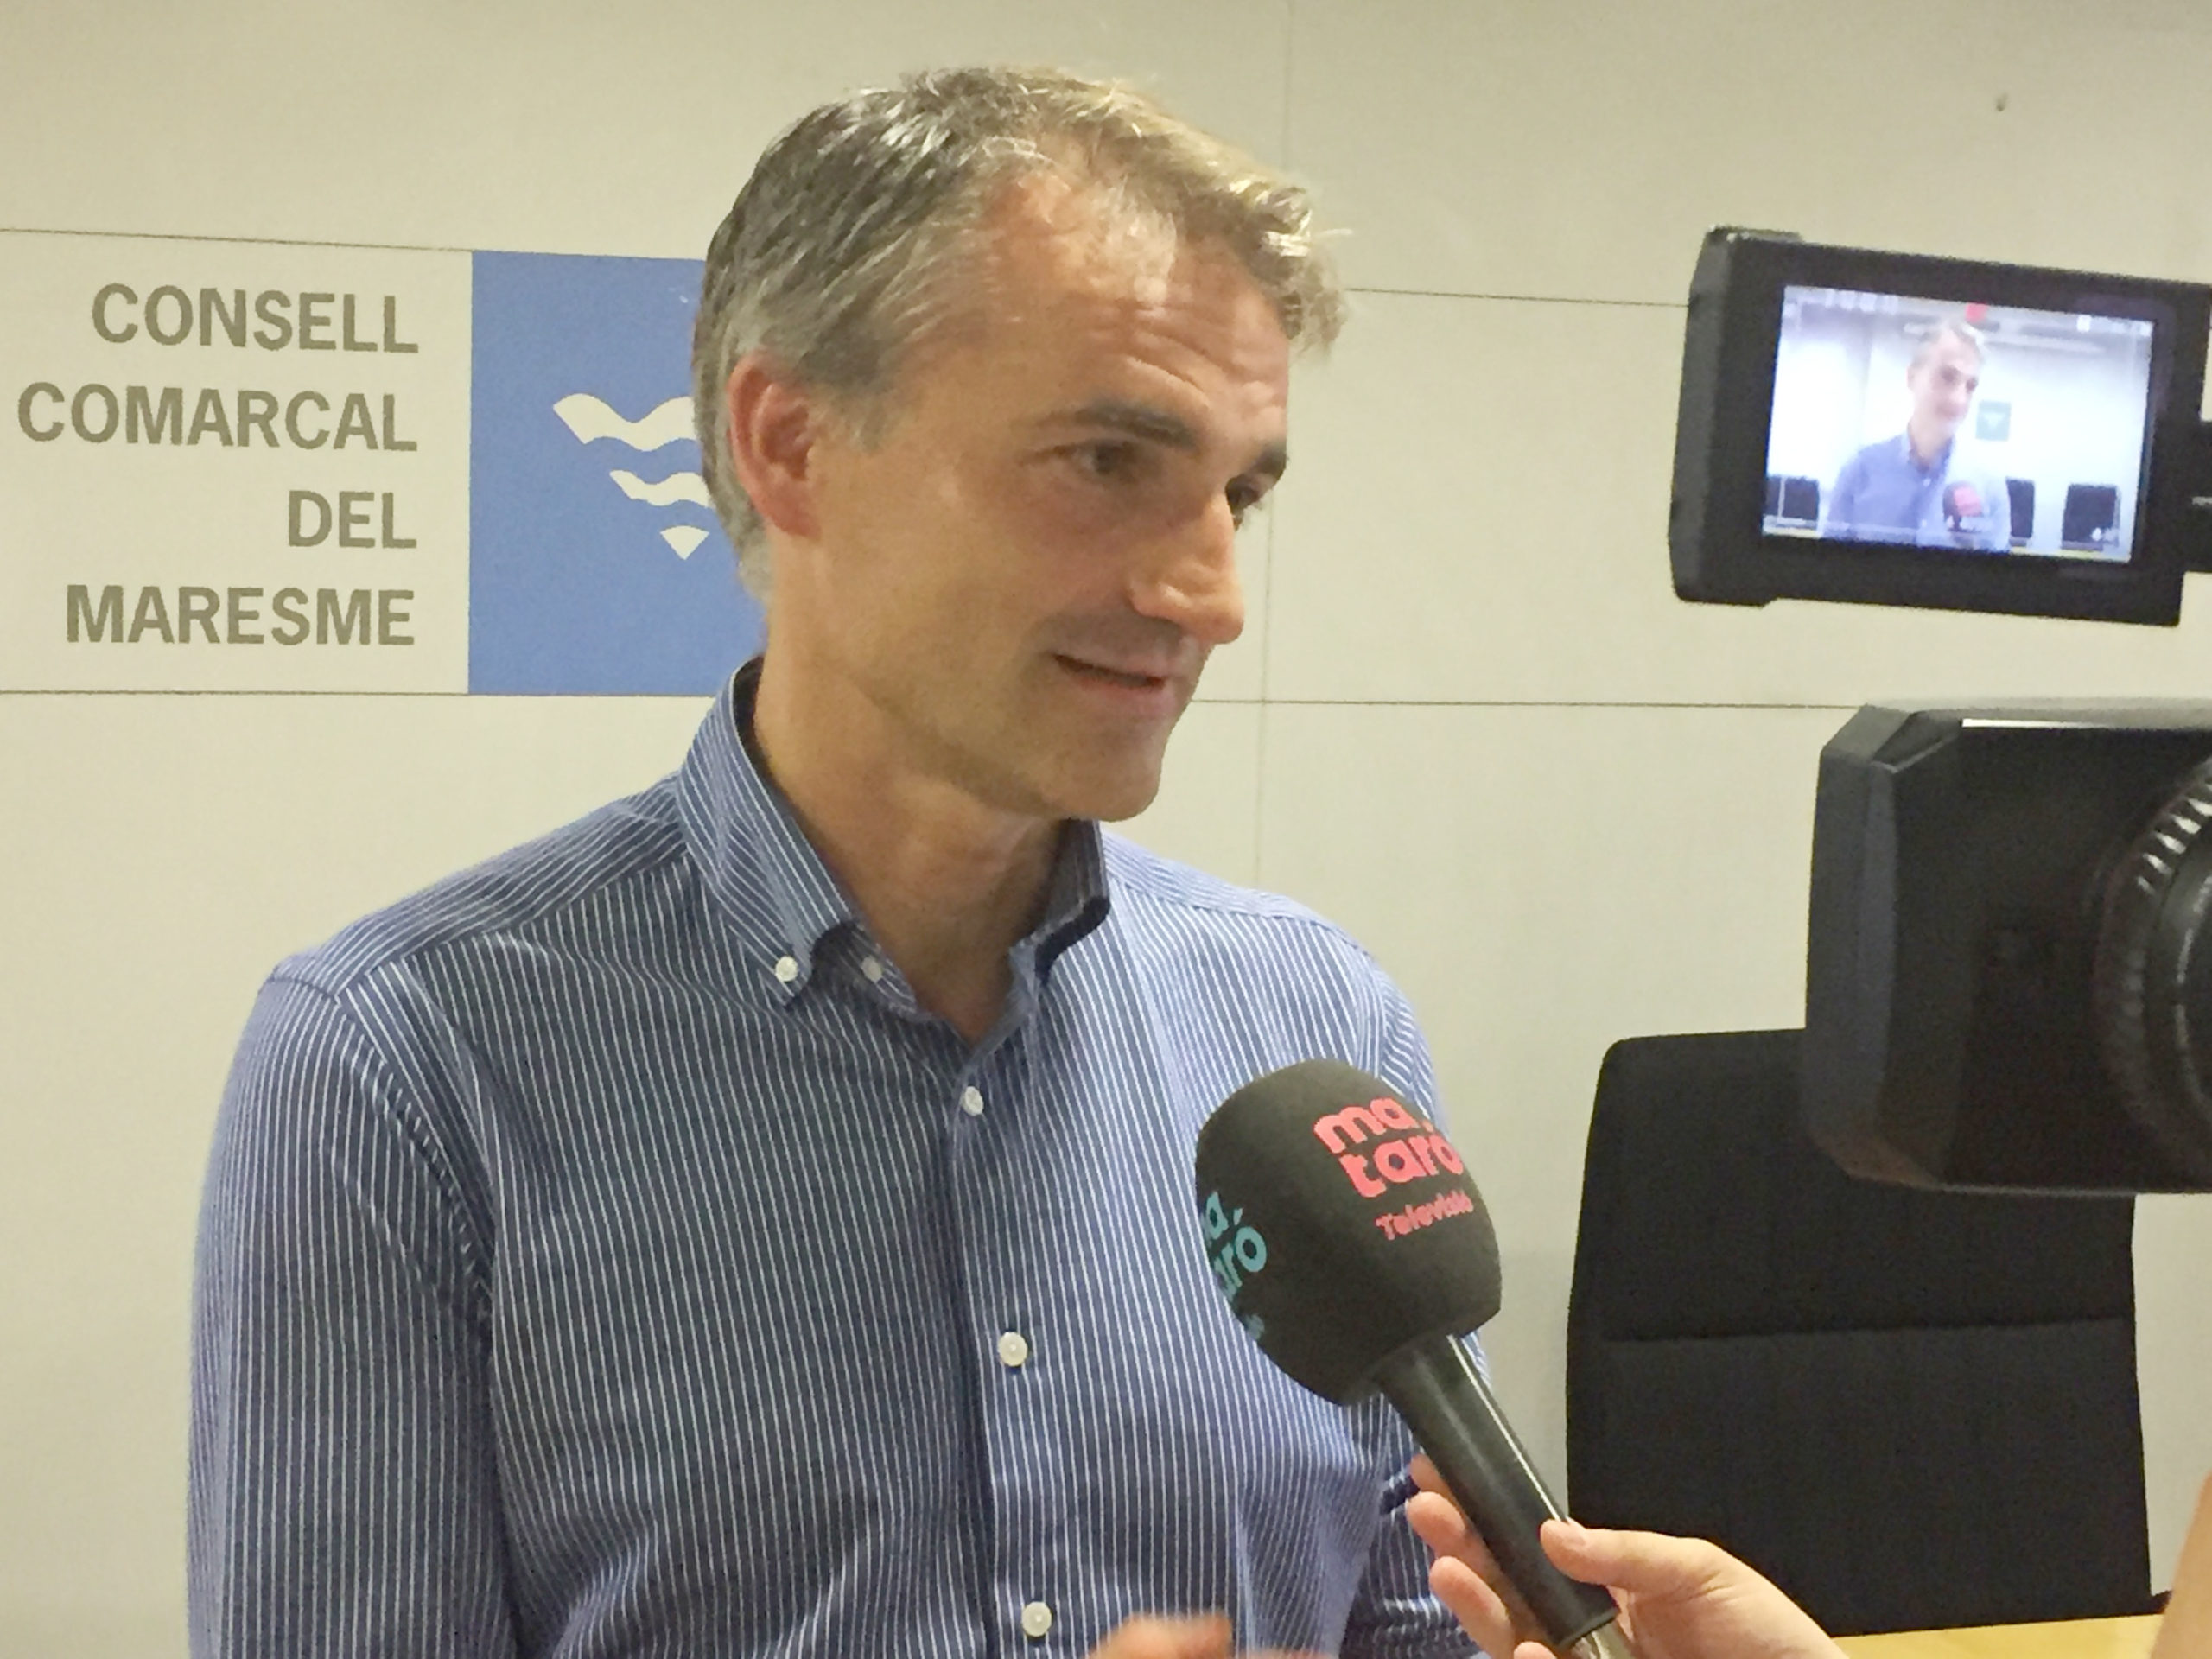 Josep Triadó és el nou president del Consell Comarcal del Maresme